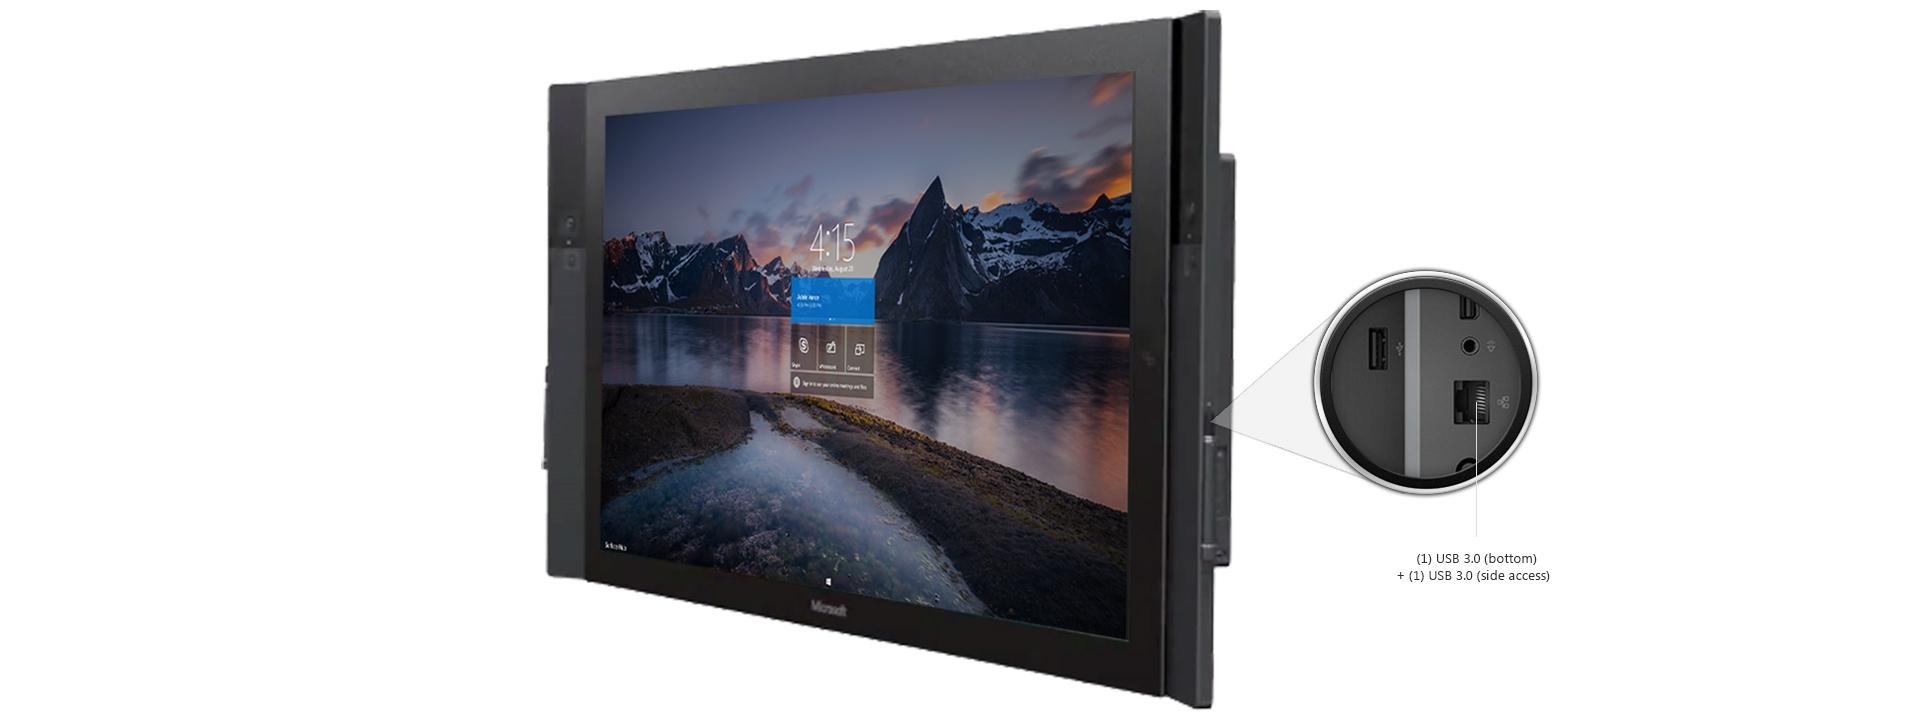 Sivusta otettu kuva Surface Hubista, jonka aloitusnäytössä on luontokuva, portit suurennettu.